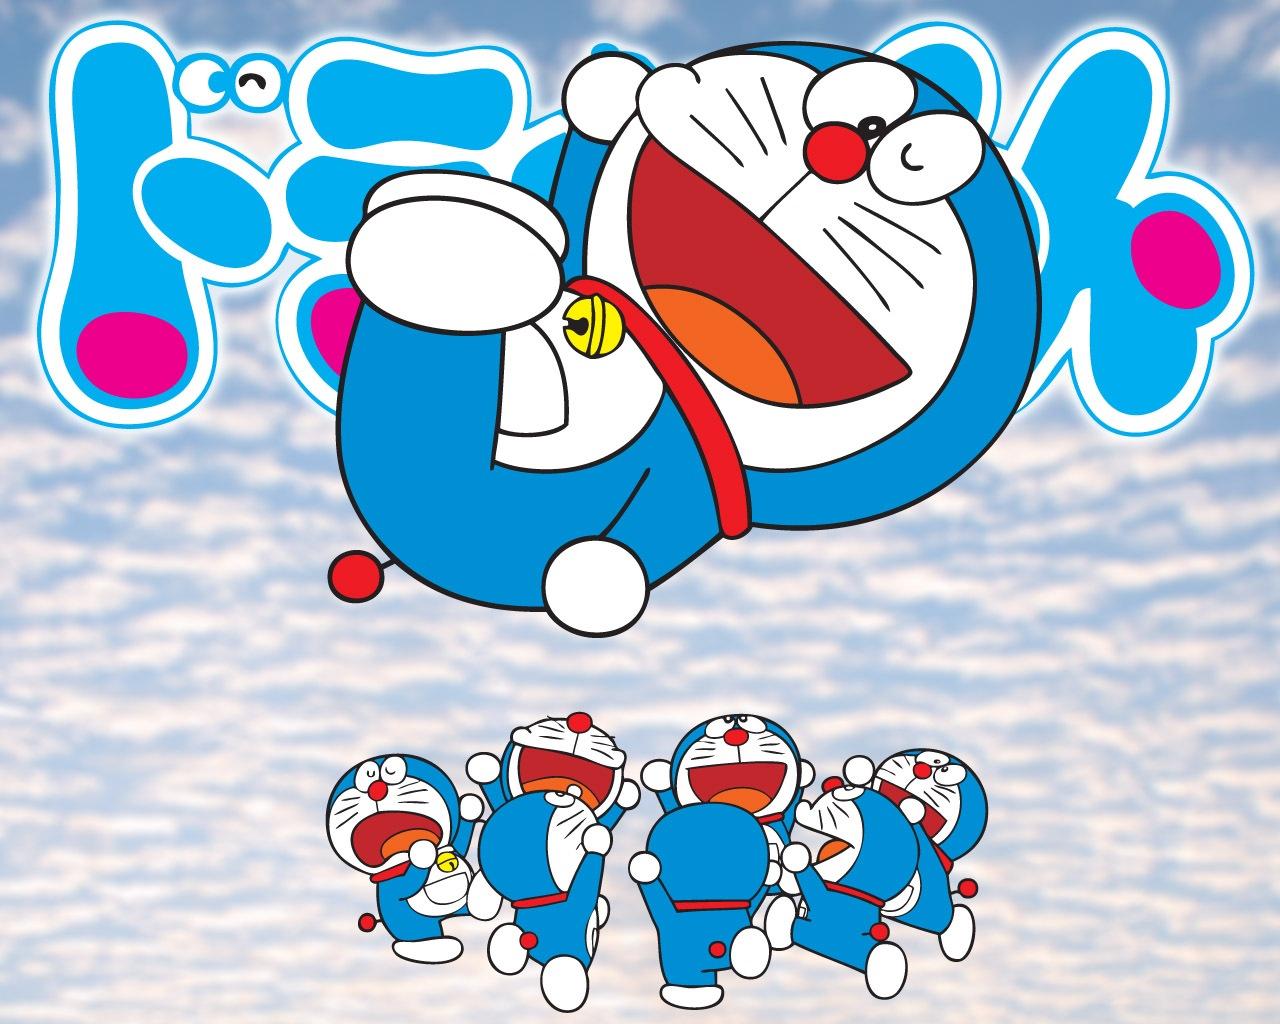 http://3.bp.blogspot.com/-UArJbR5e4TI/TqlSFzwAhdI/AAAAAAAABxc/IwH3onaI9ww/s1600/06_doraemon-sky-wallpaper-1280-copy.jpg